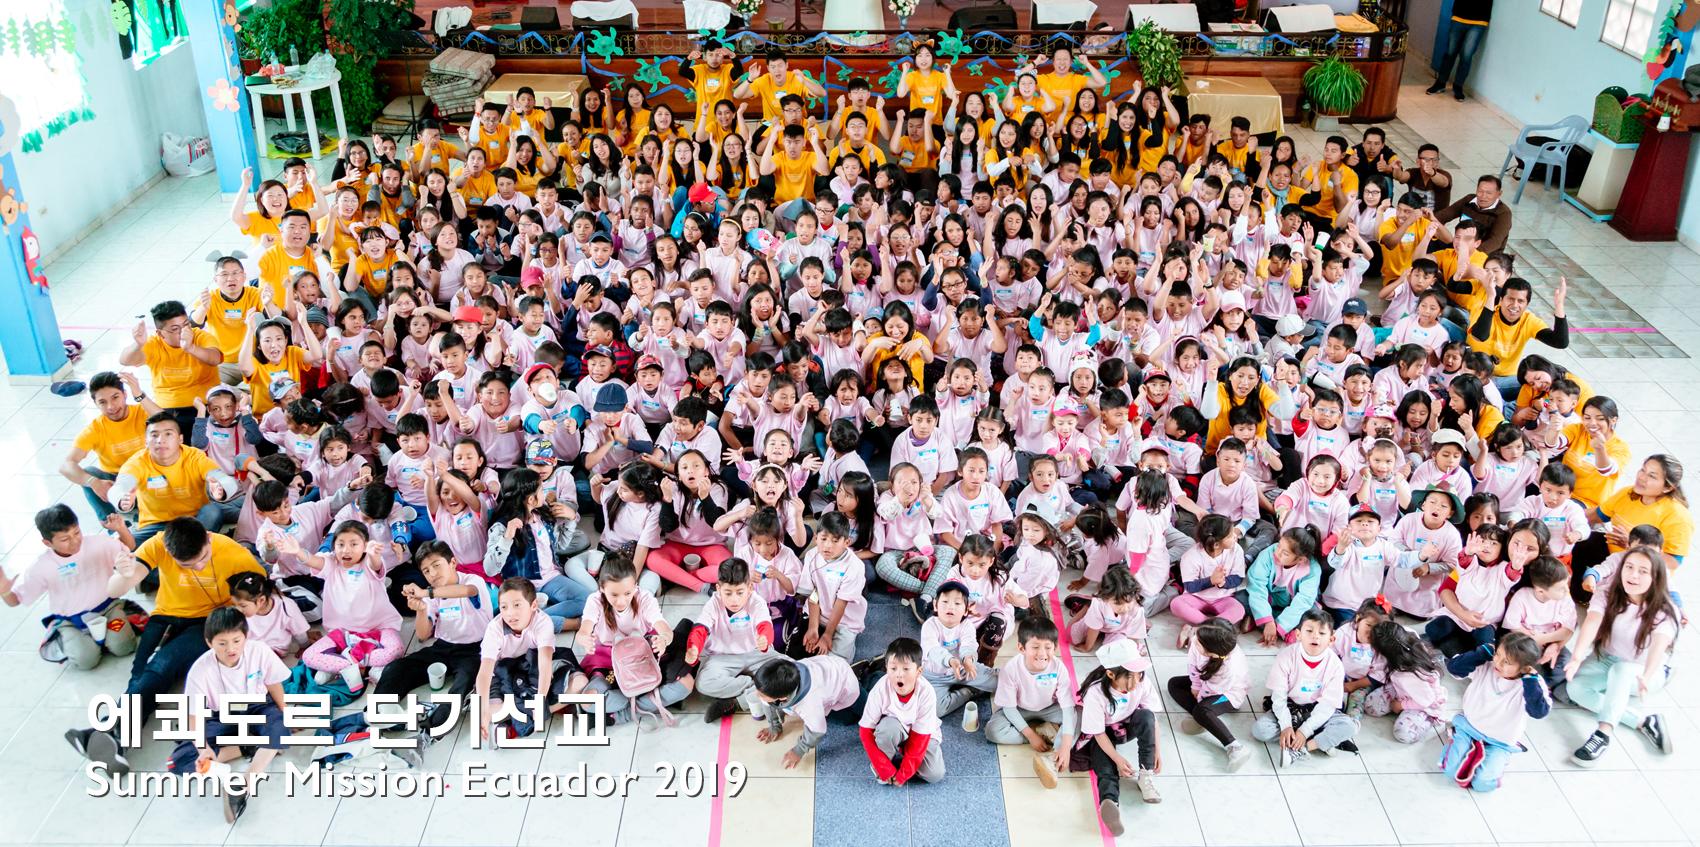 Ecuador Mission 2019